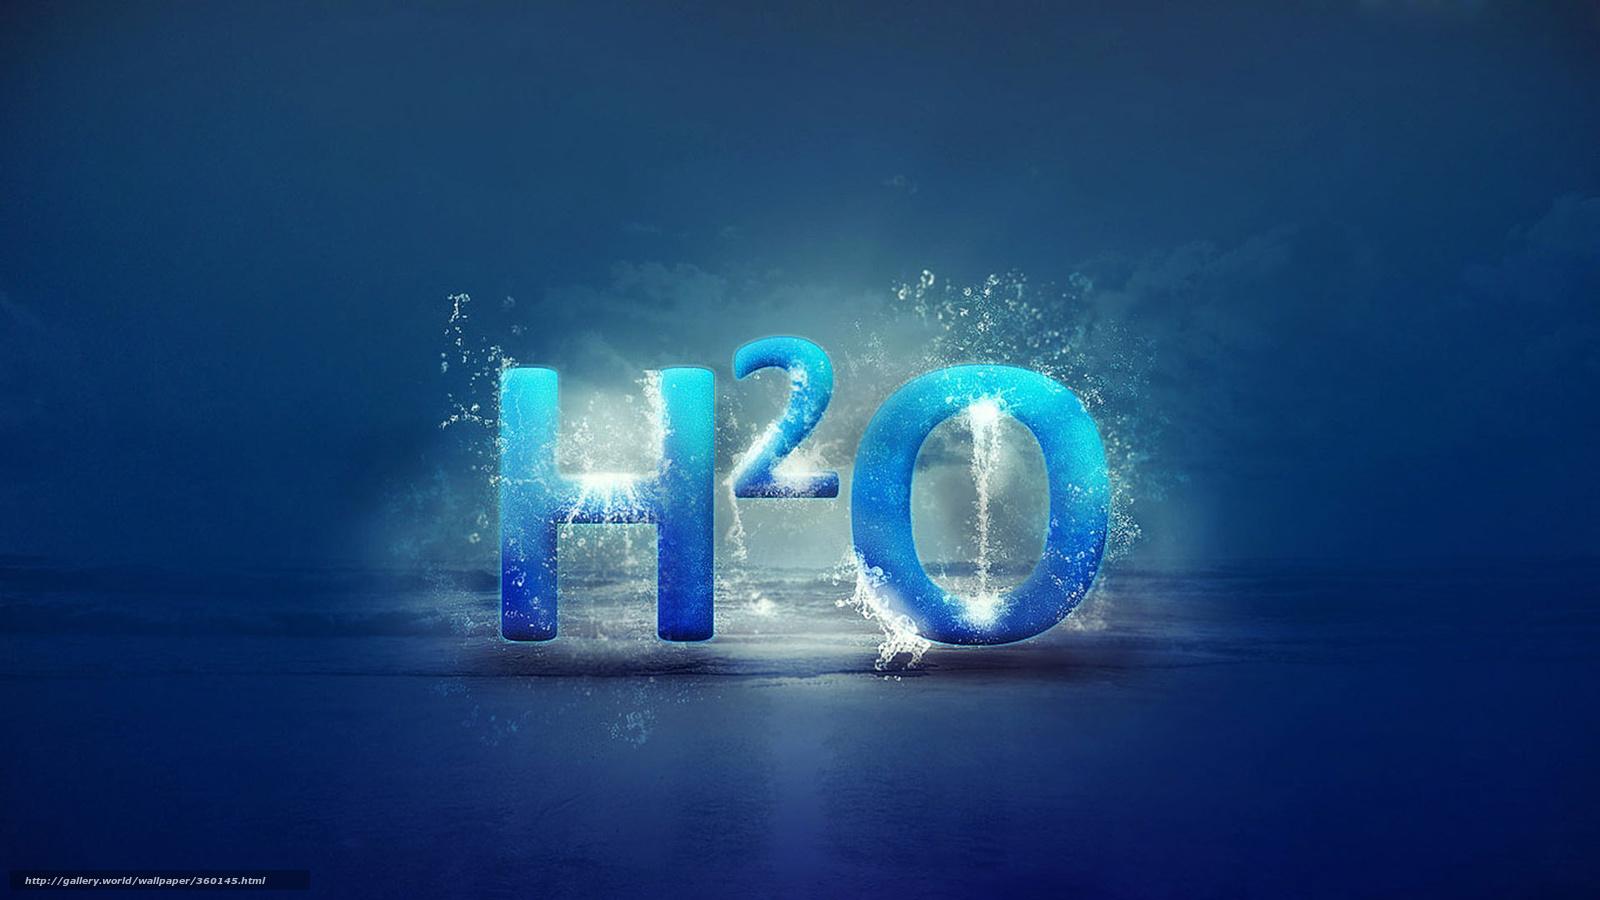 Tlcharger Fond D Ecran H2o Eau Inscription Formule